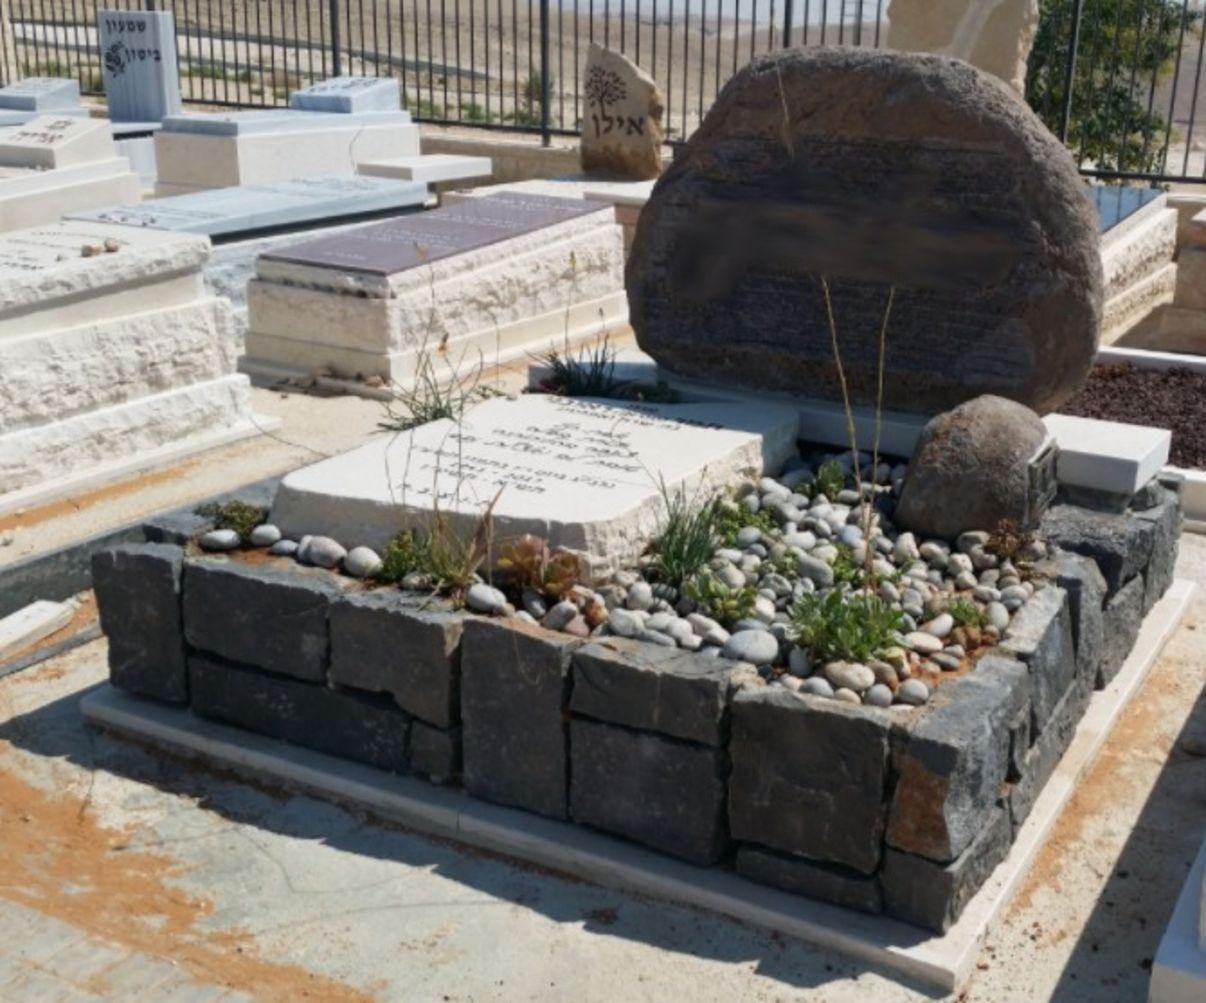 תמונה של מצבה זוגית מיוחדת עם צמחים מקושטת אבן בזלת